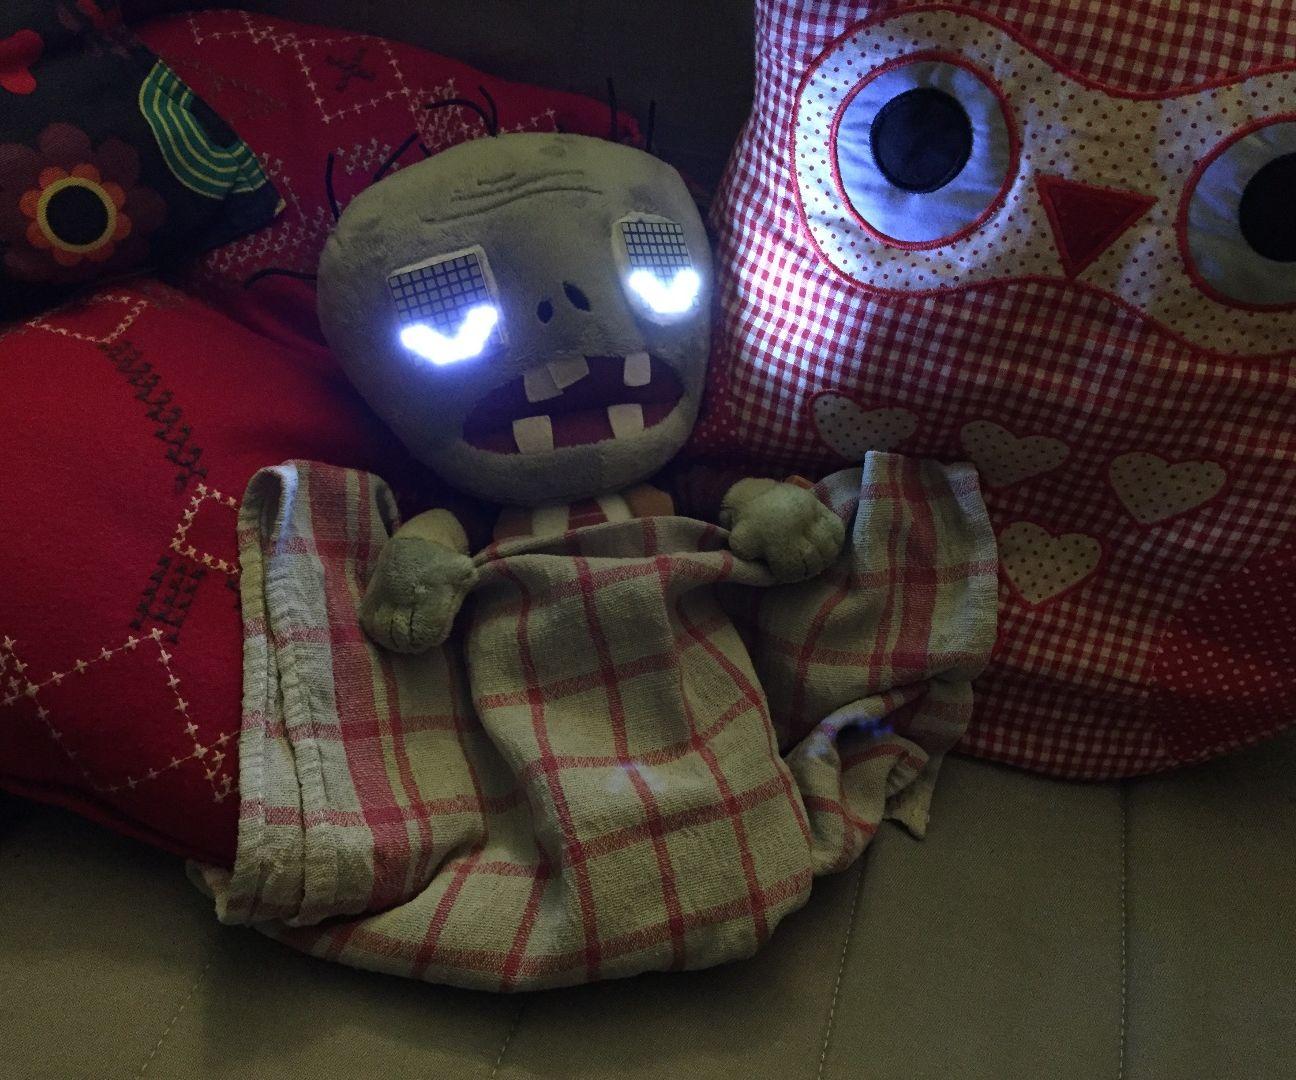 Animated LED Zombie Plush Toy